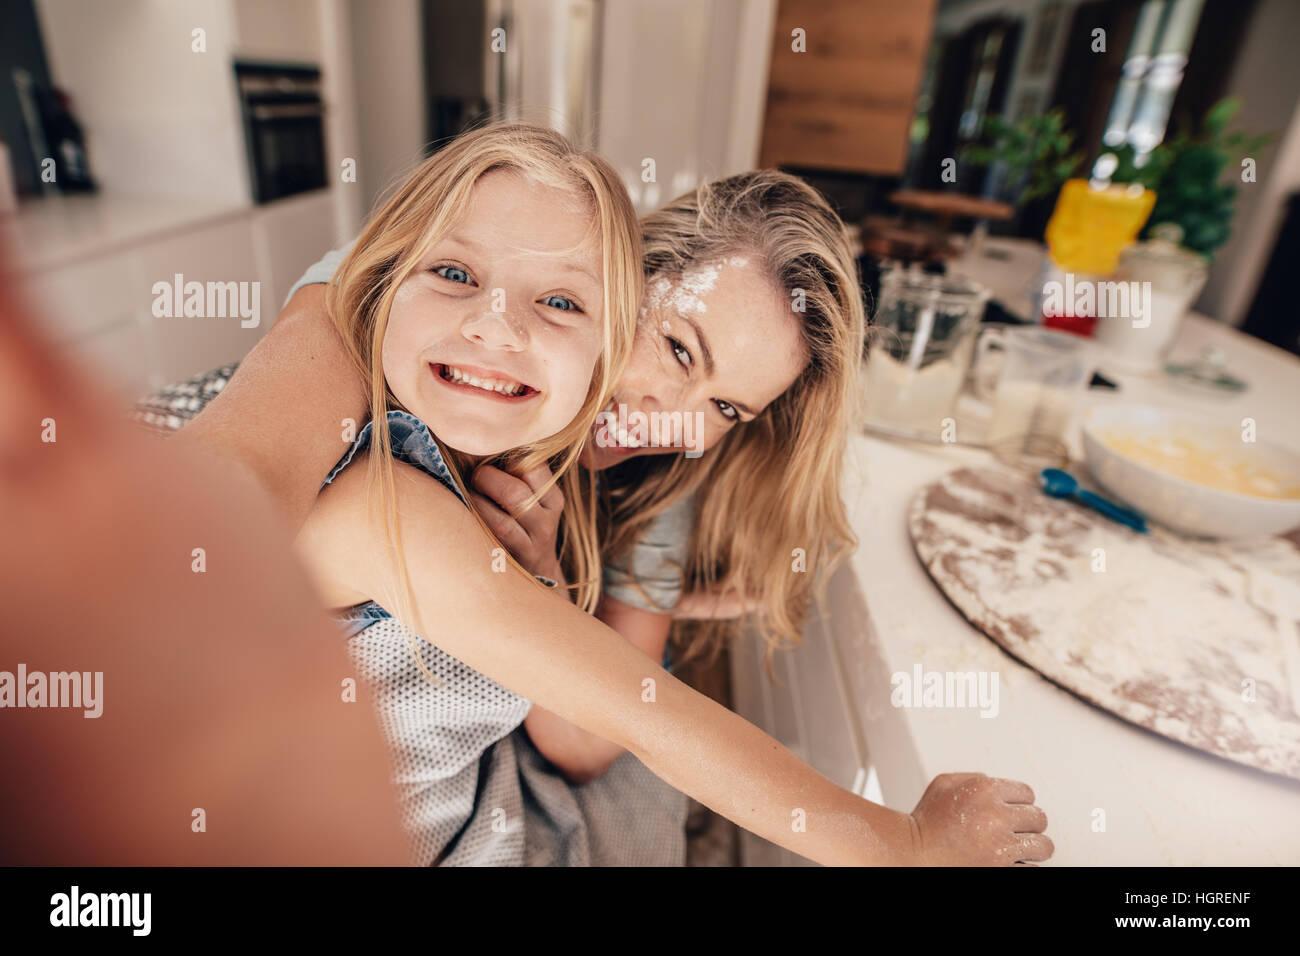 Glückliche Familie dabei ein Selbstporträt in Küche kochen. Mutter und Tochter unter Selbstporträt. Stockbild